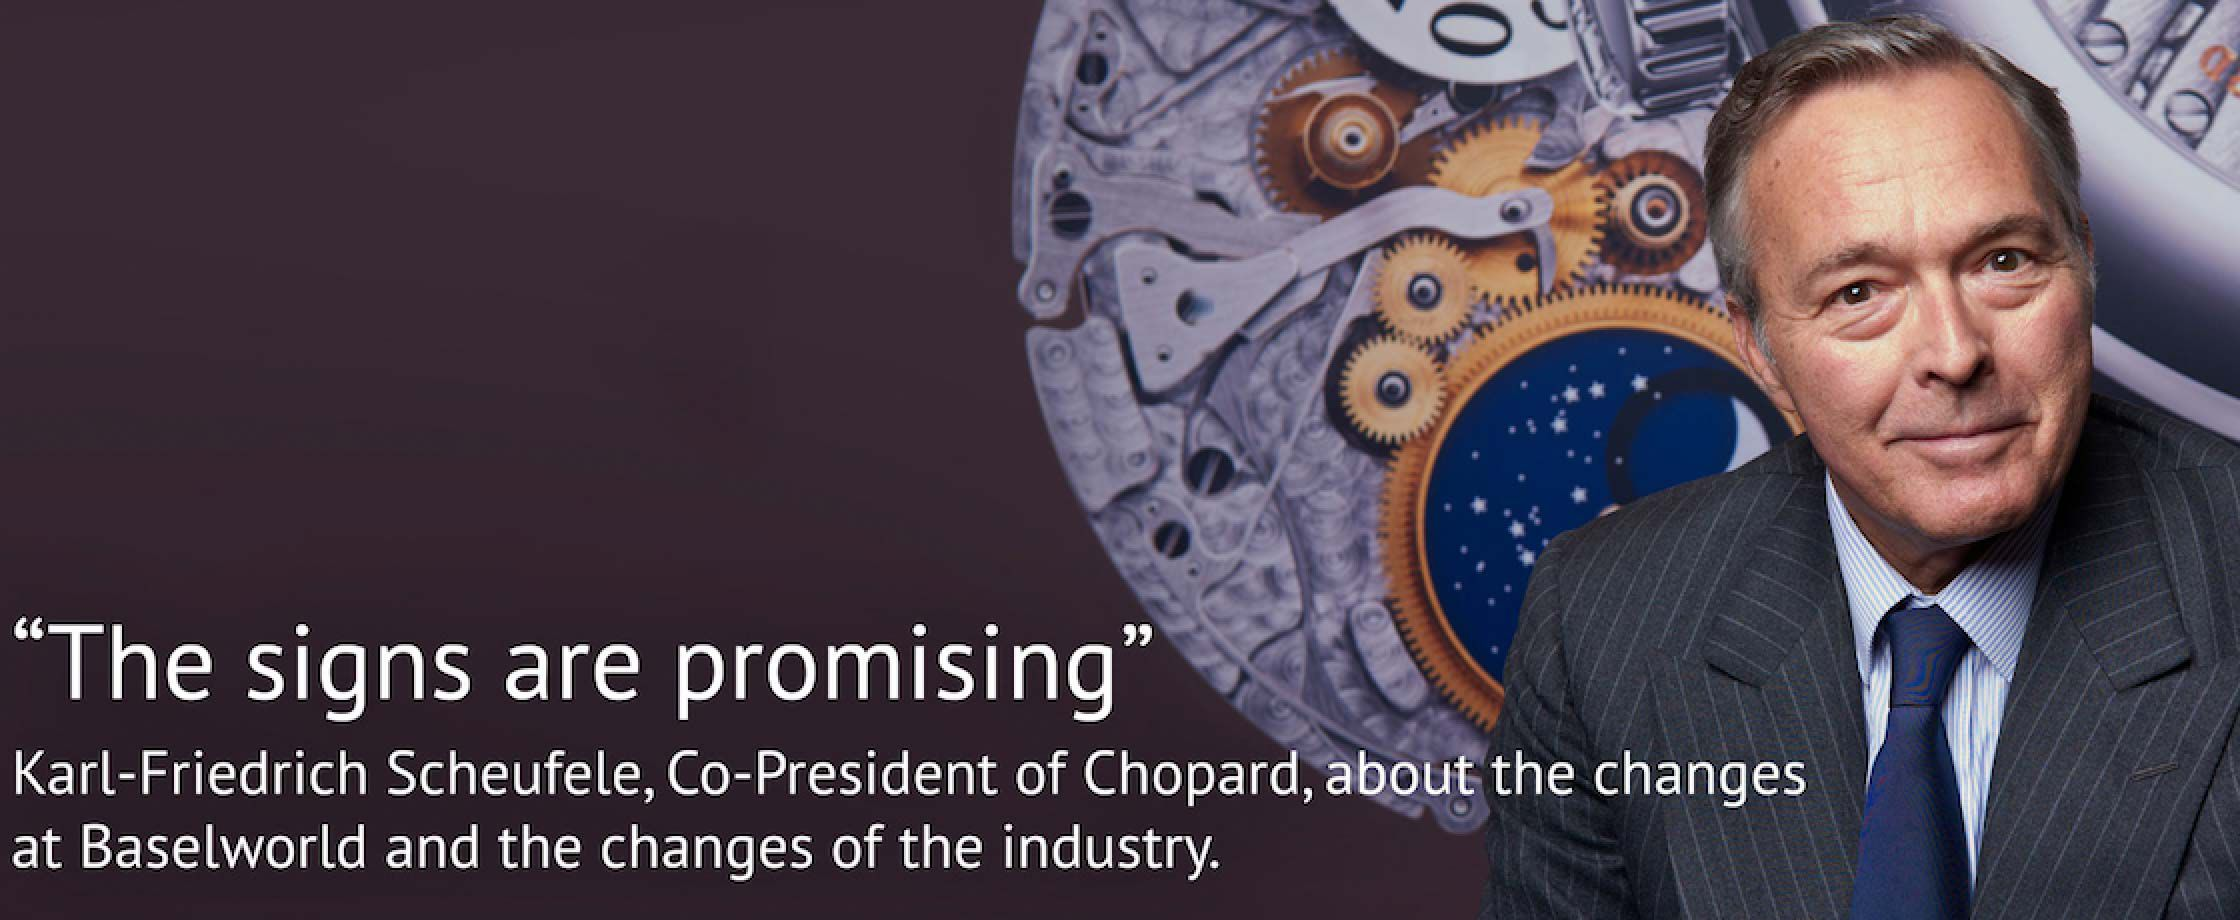 萧邦联合总裁Karl-Friedrich Scheufele讲述巴塞尔钟表展的变化及钟表行业的动态